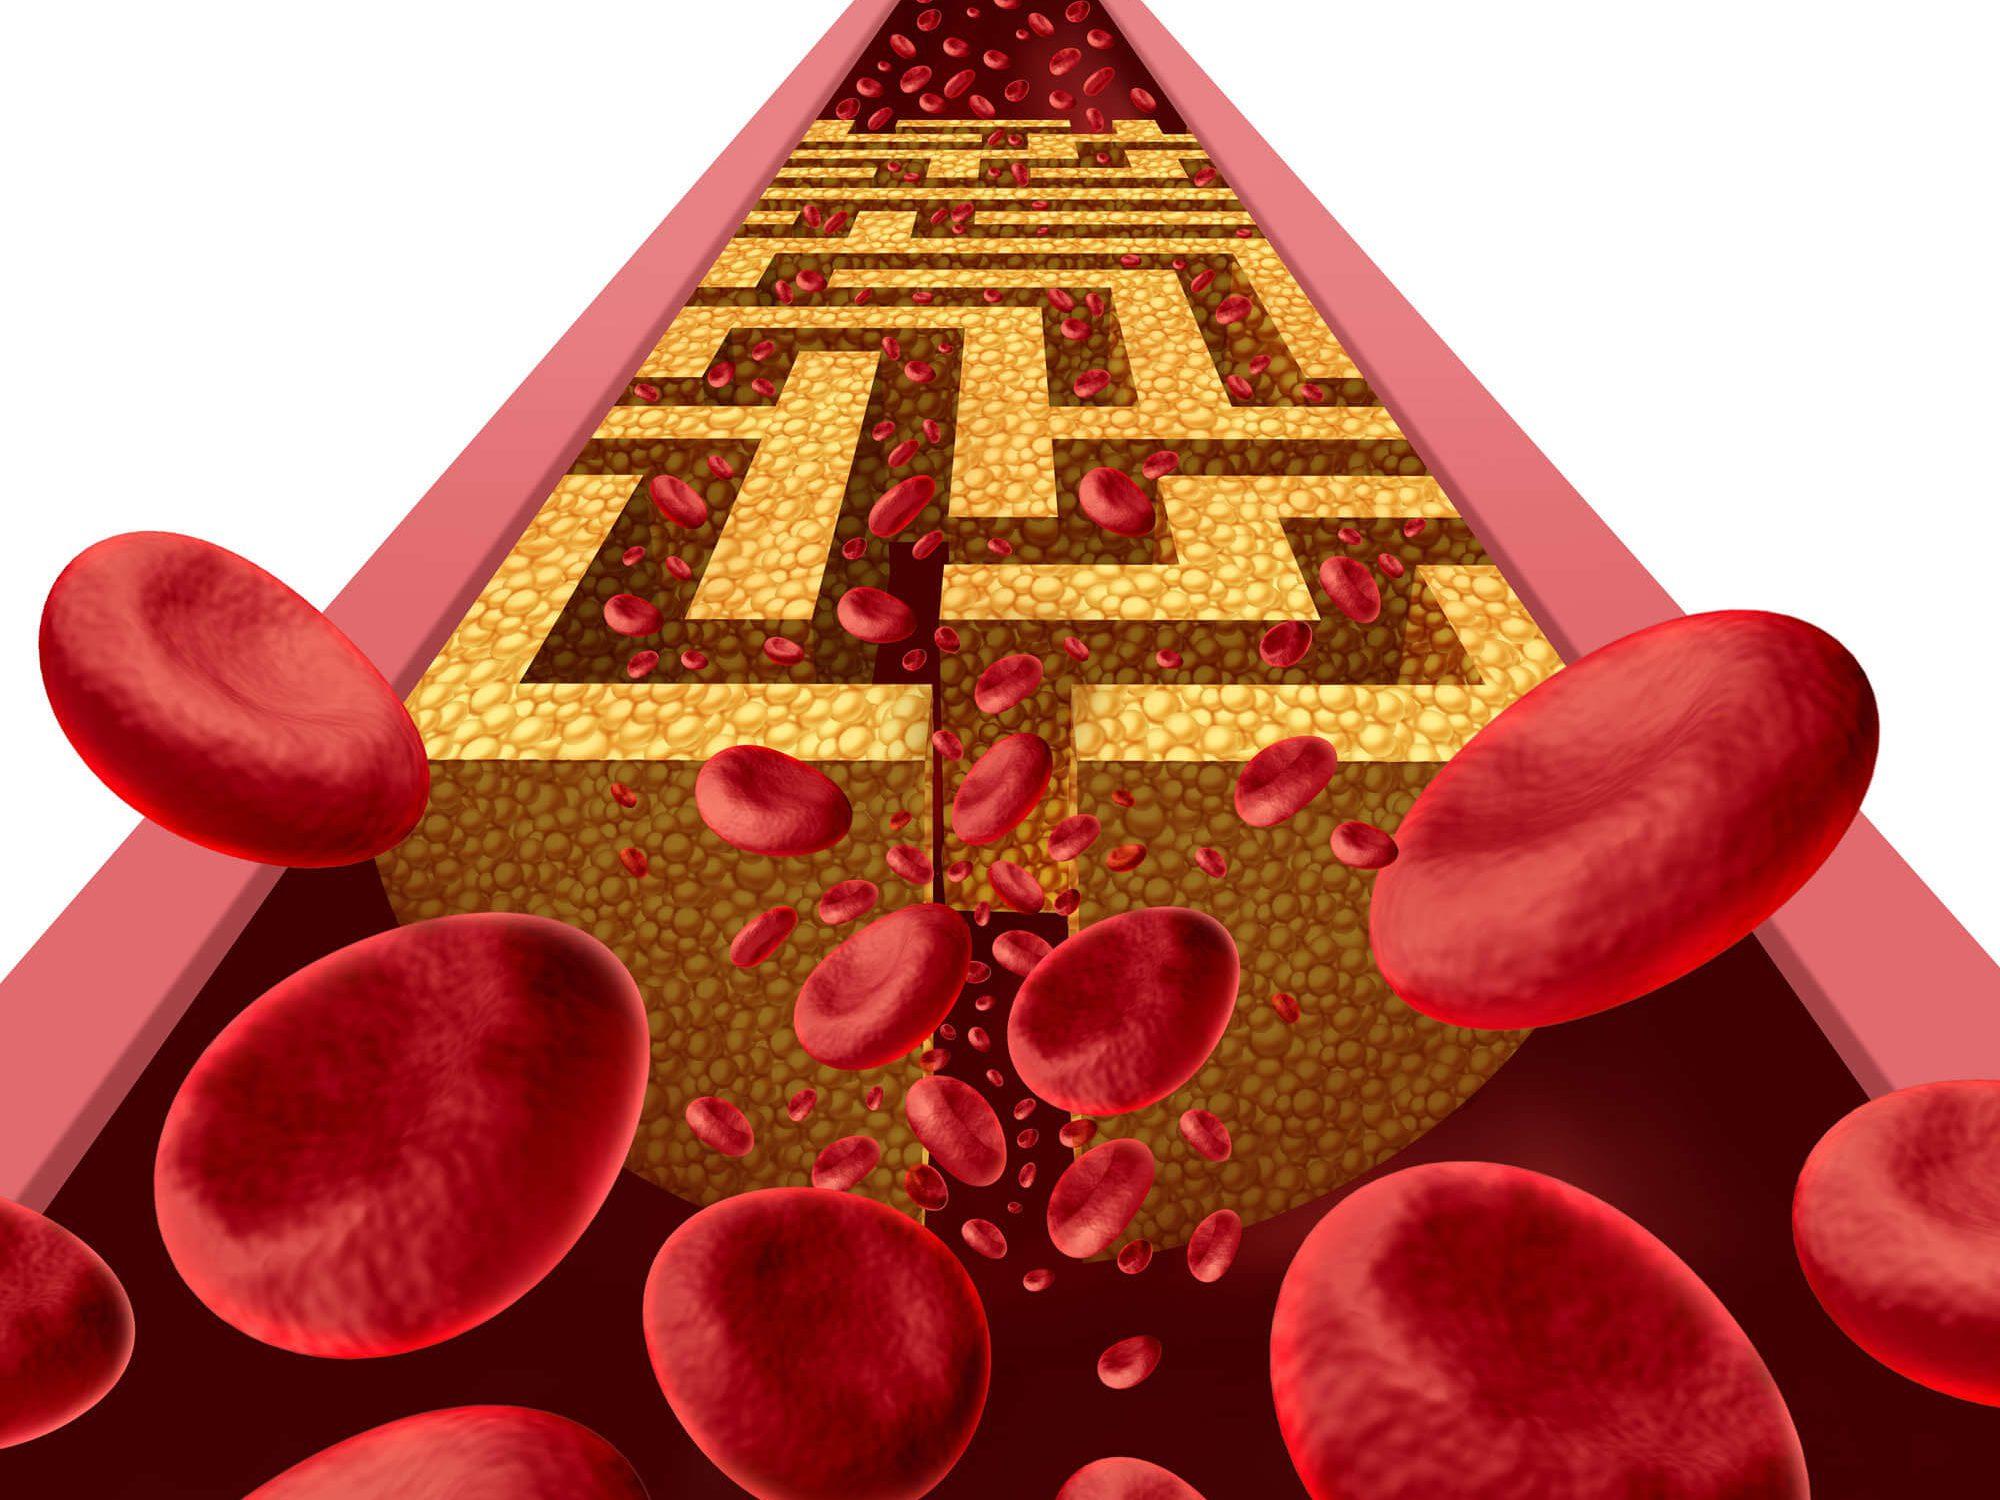 הפרעת שומנים בדם (דיסליפידמיה) והניתוח הבריאטרי